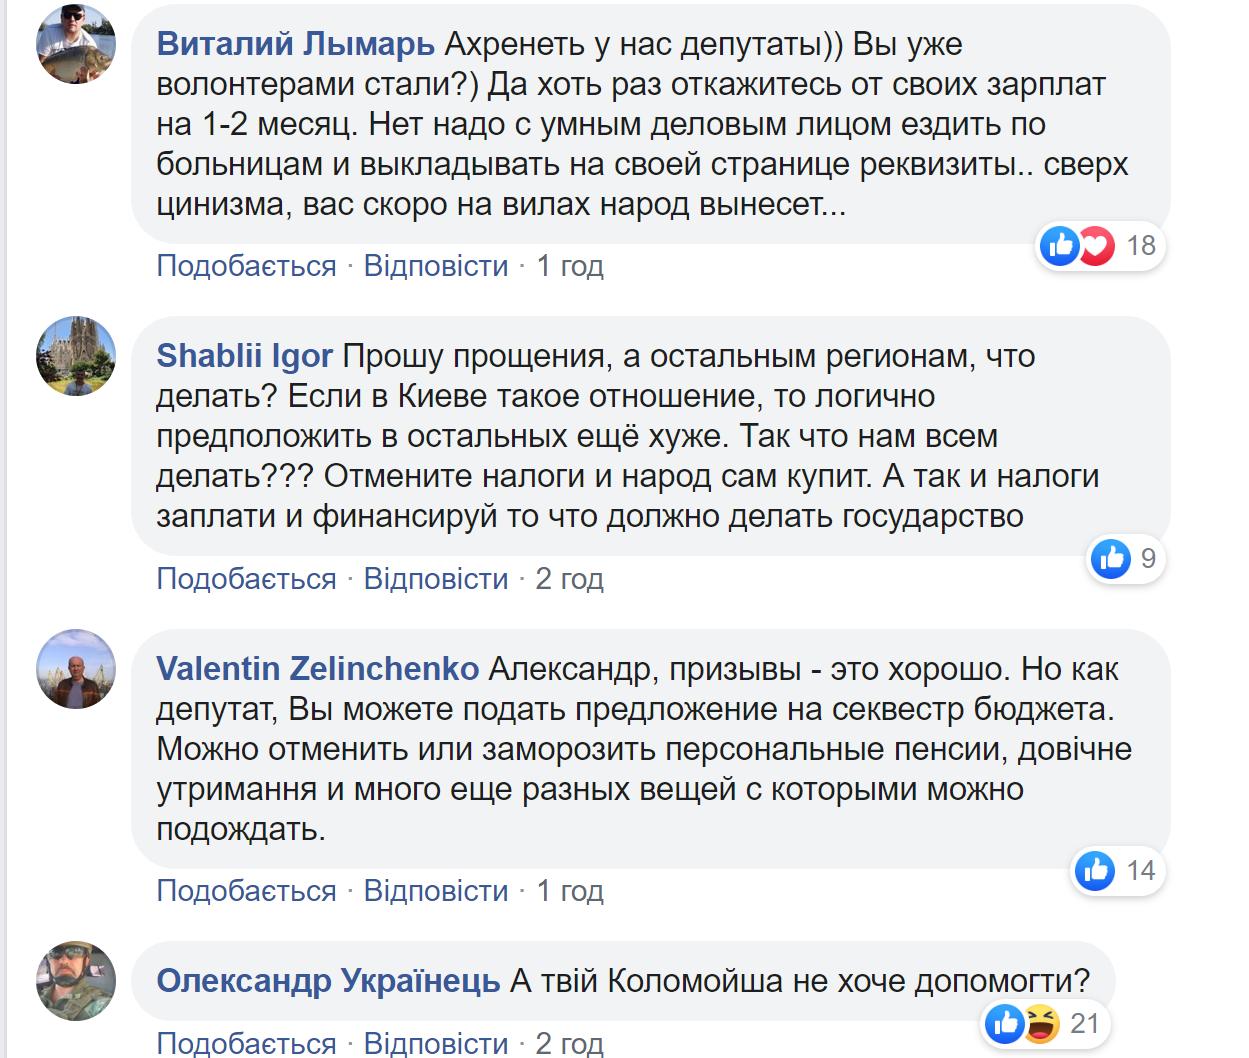 Власник 24-х квартир нардеп Дубінський просить гроші на допомогу двом лікарням. Фото